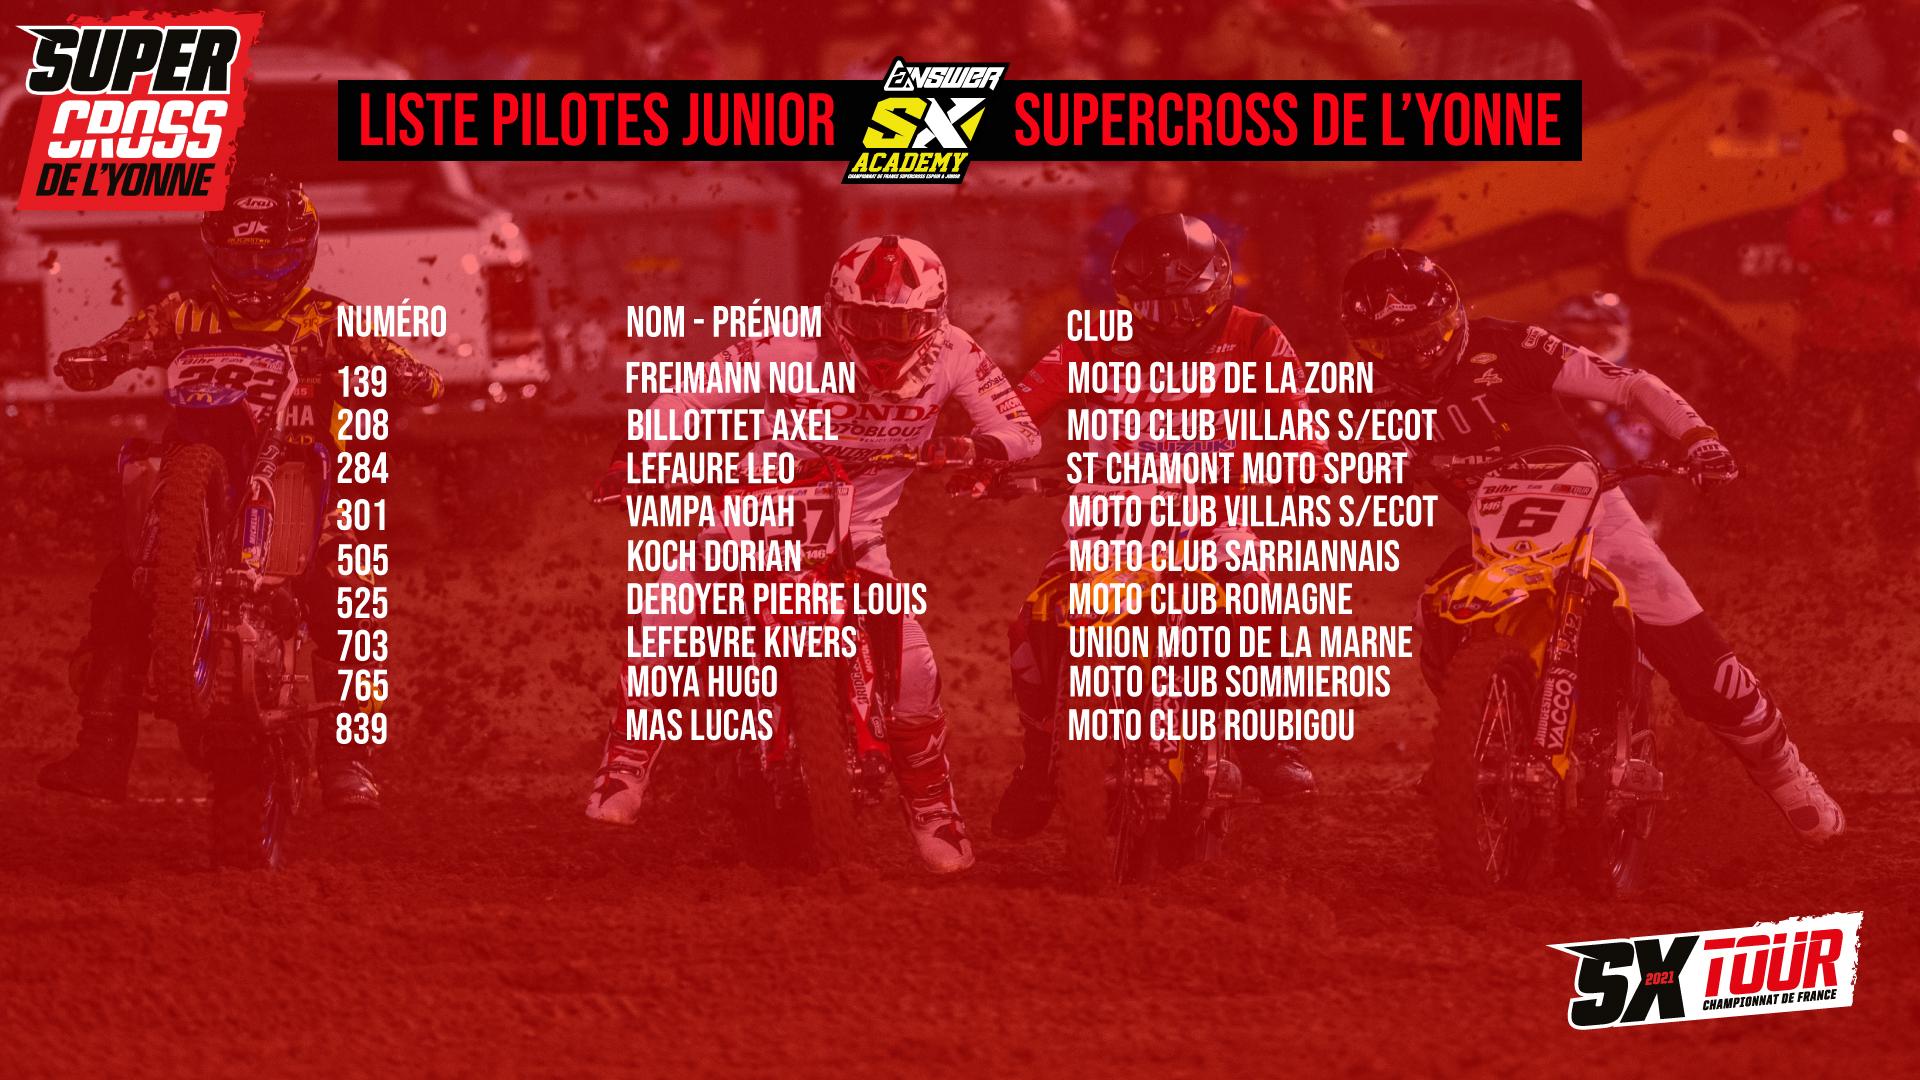 Supercross de l'Yonne 2021 -  La liste des pilotes Junior